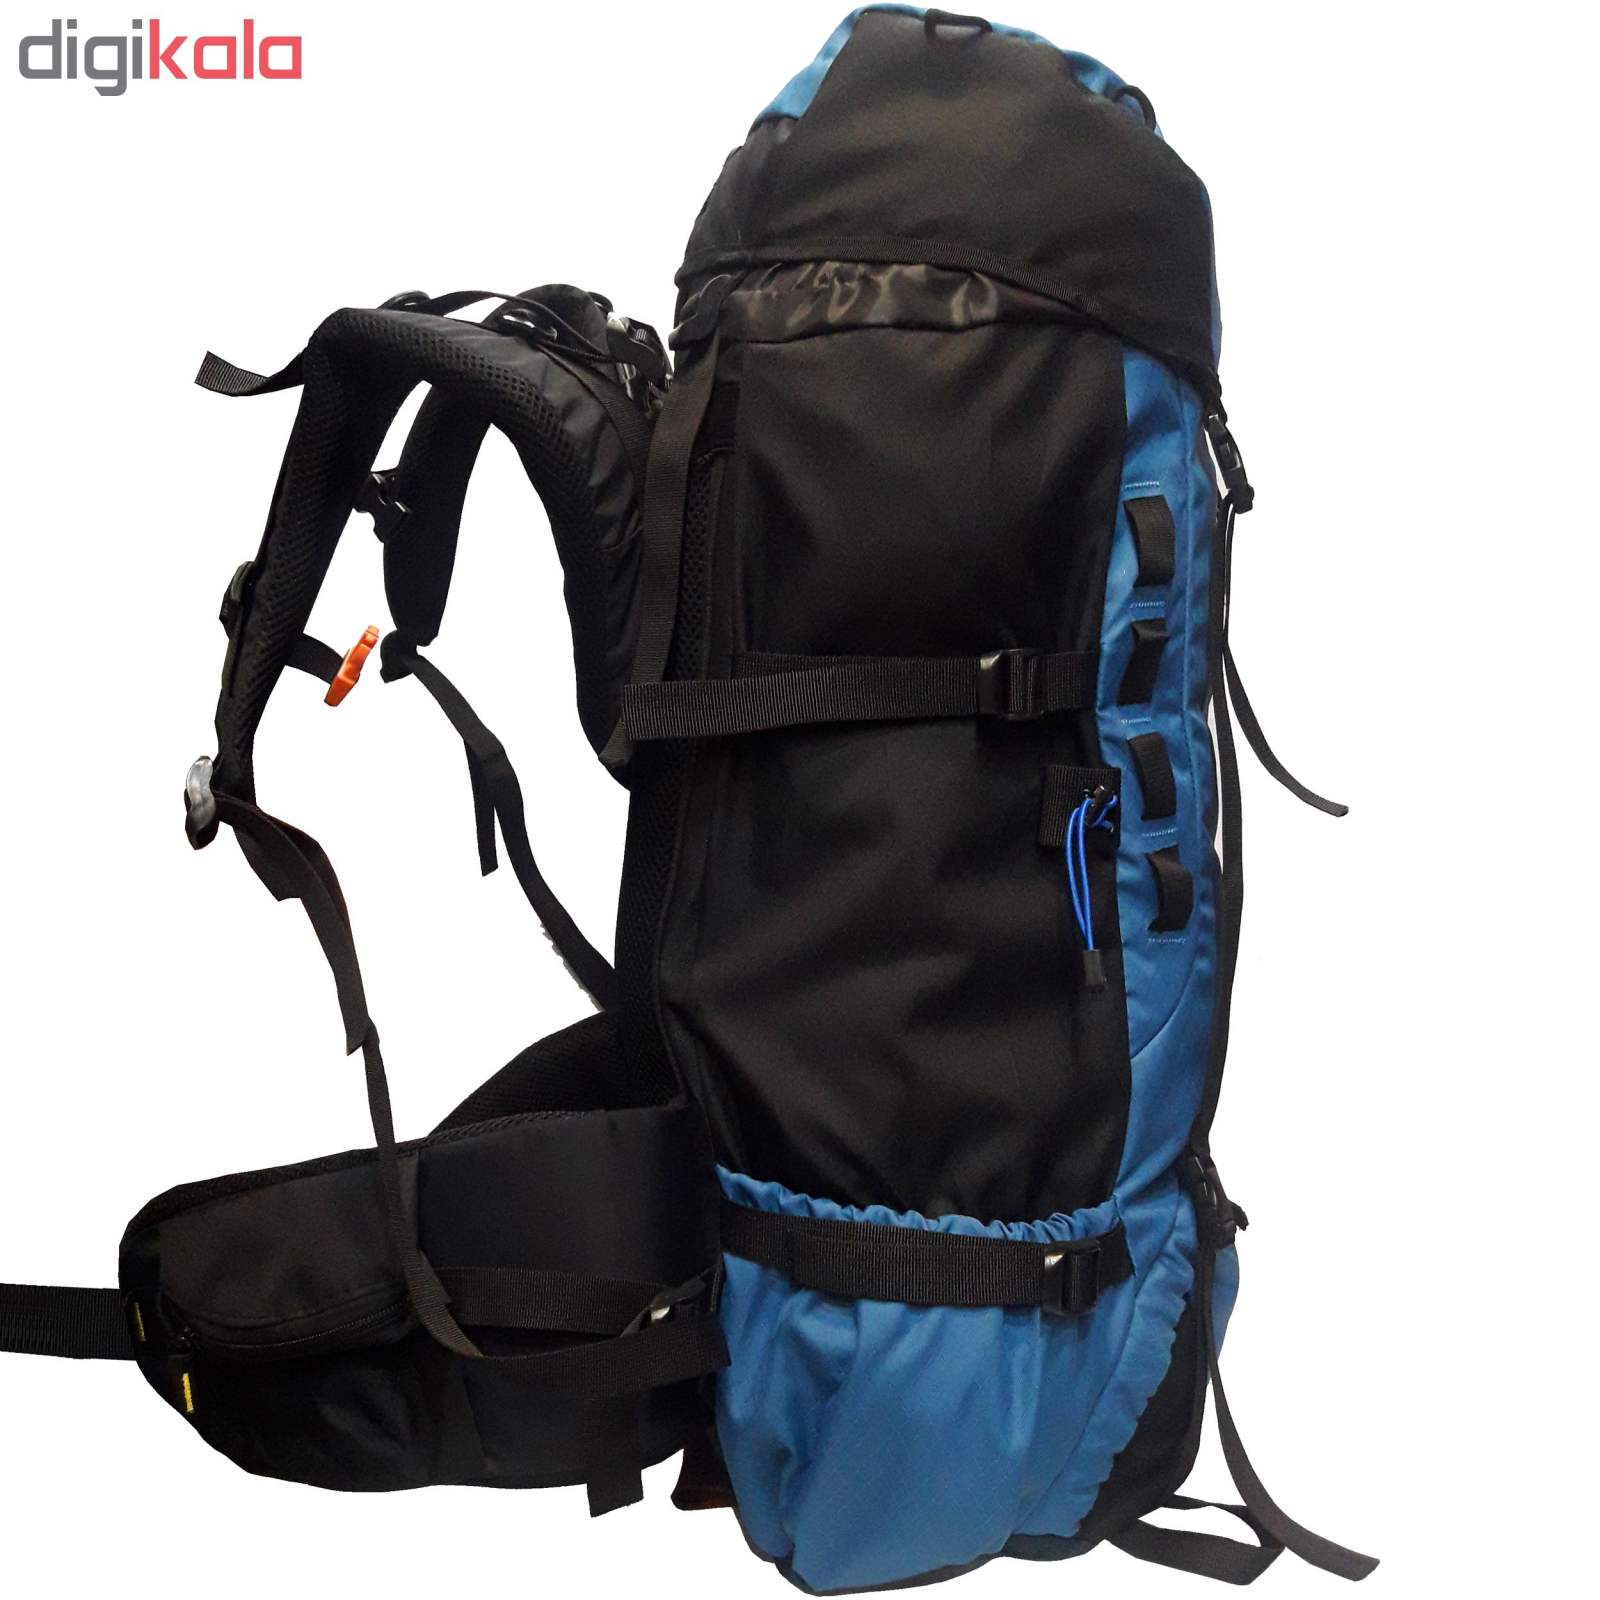 کوله پشتی کوهنوردی 70 لیتری مدل D650 main 1 3